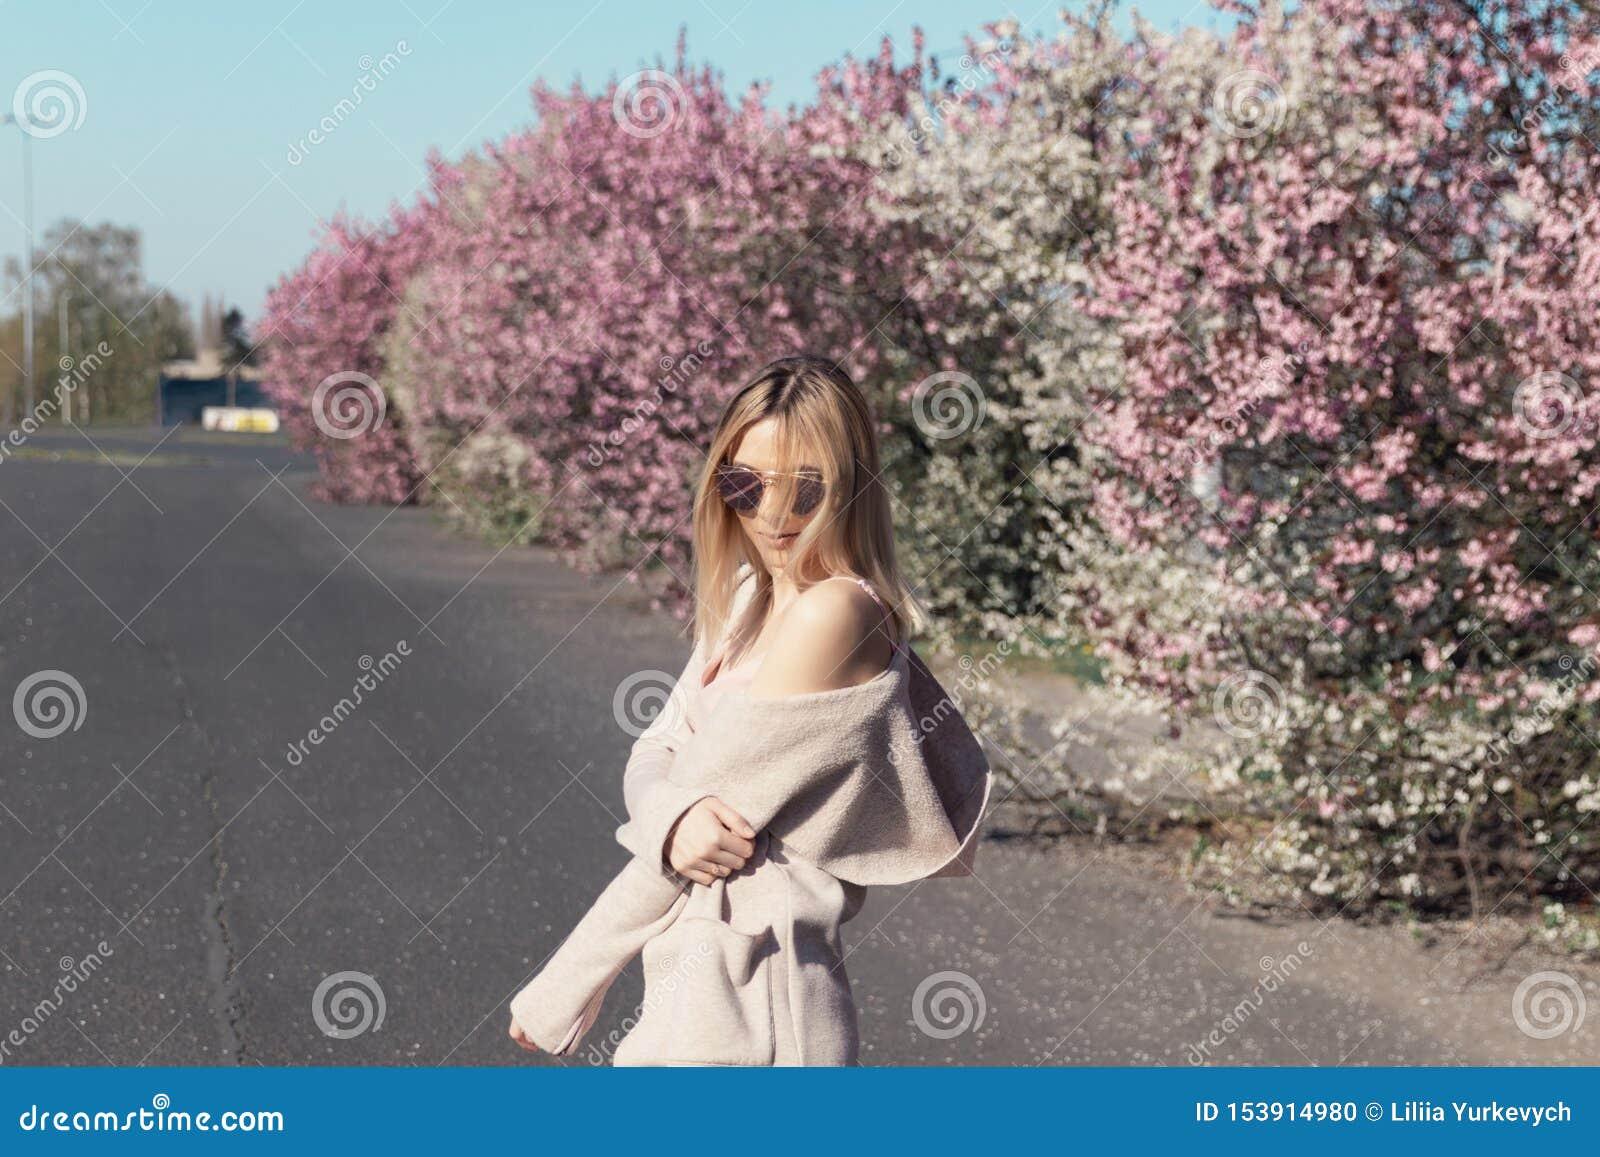 Junges schönes blondes Mädchen steht im Parkplatz